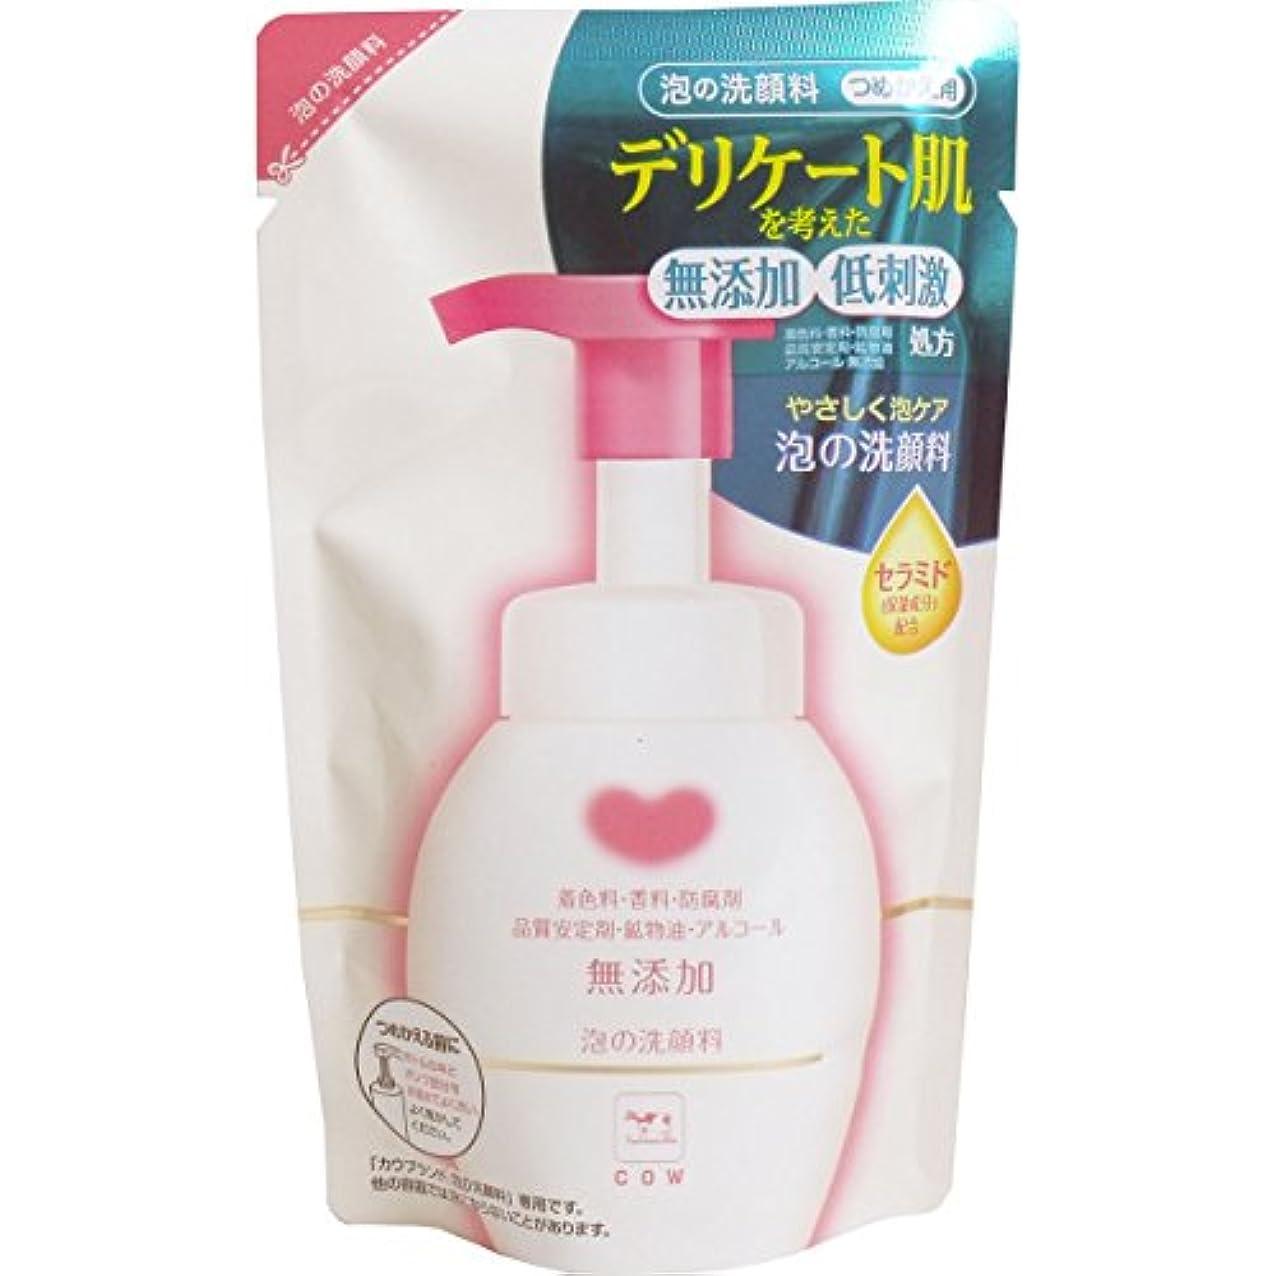 優しさくぼみレキシコンカウブランド 無添加 泡の洗顔料 詰替用 180mL「5点セット」